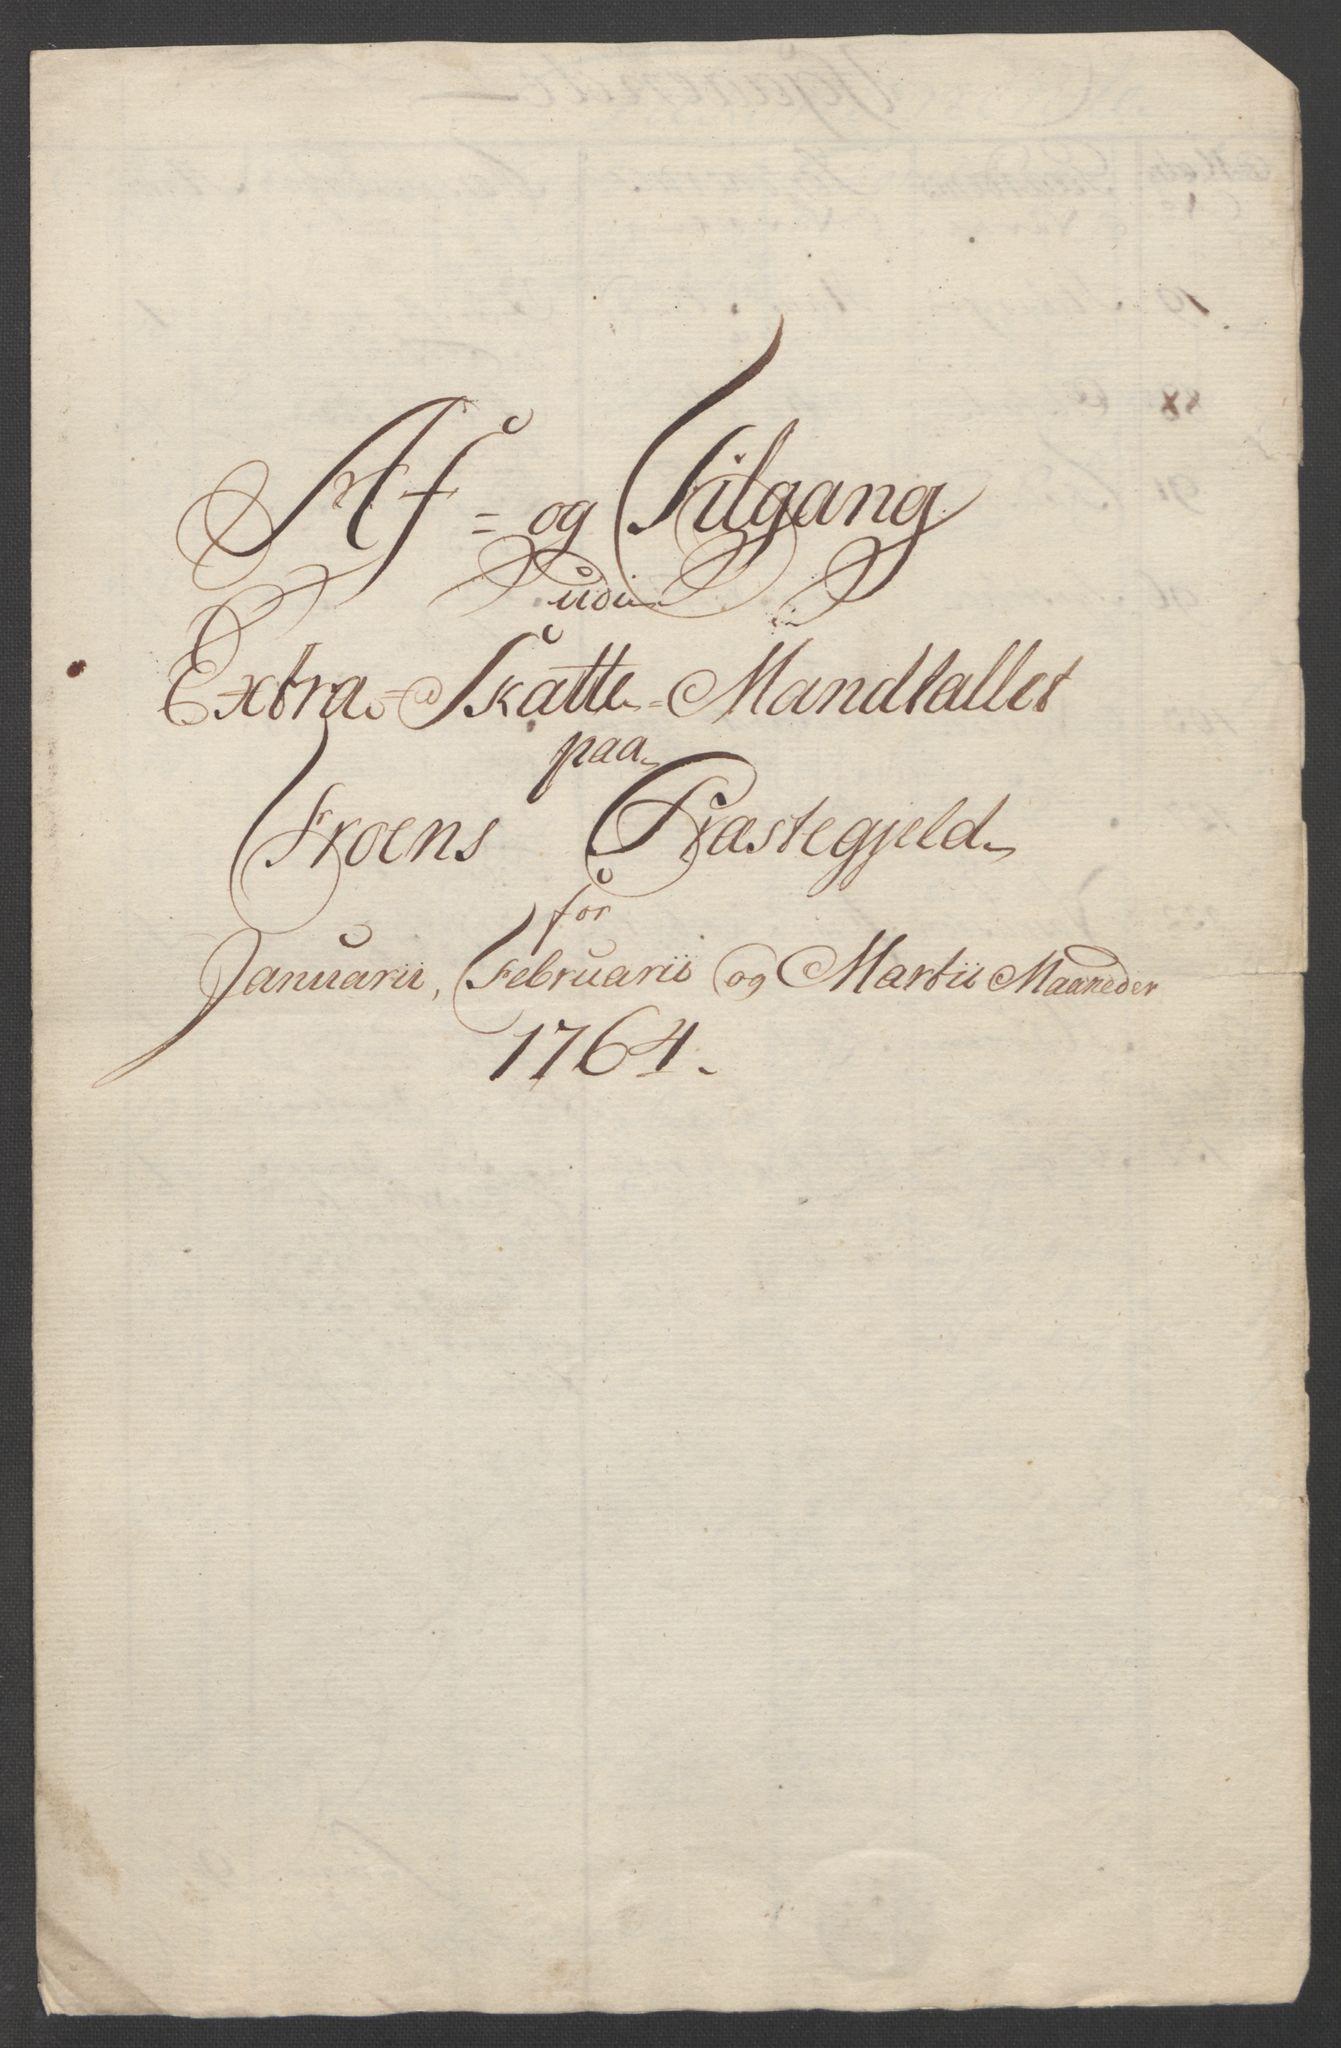 RA, Rentekammeret inntil 1814, Reviderte regnskaper, Fogderegnskap, R17/L1266: Ekstraskatten Gudbrandsdal, 1762-1766, s. 383